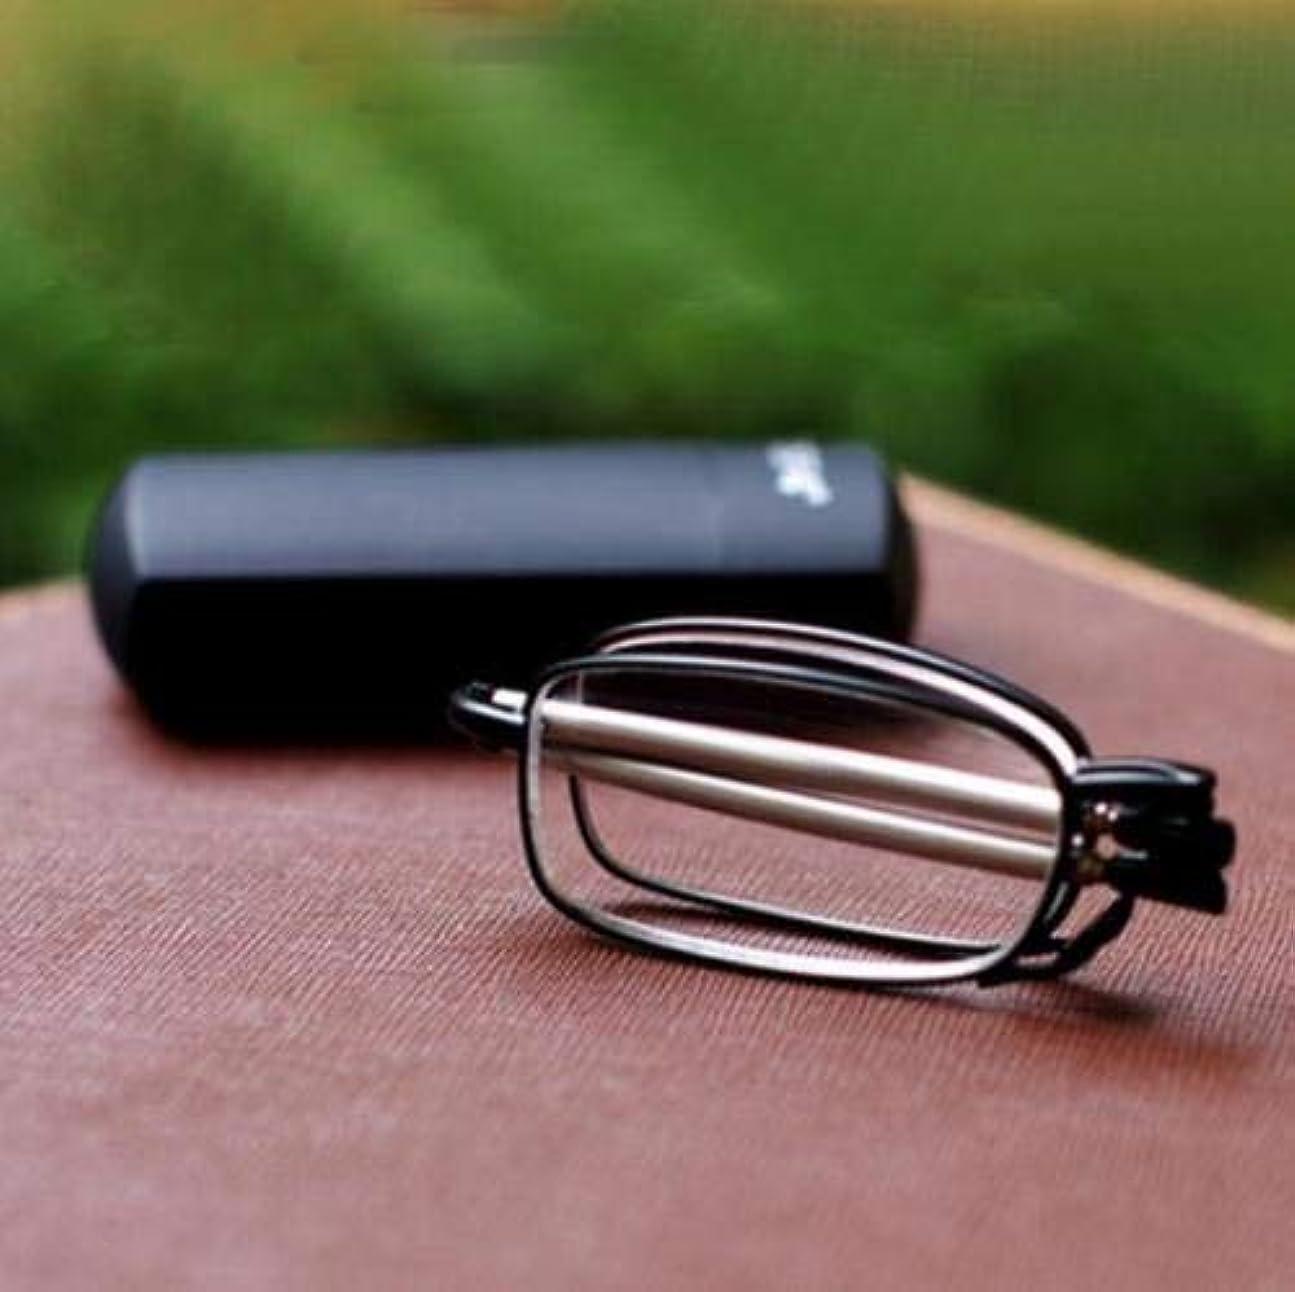 FidgetGear 折りたたみポータブルメガネ高品質抗疲労老眼眼鏡1.0?+ 4.0 ブラック